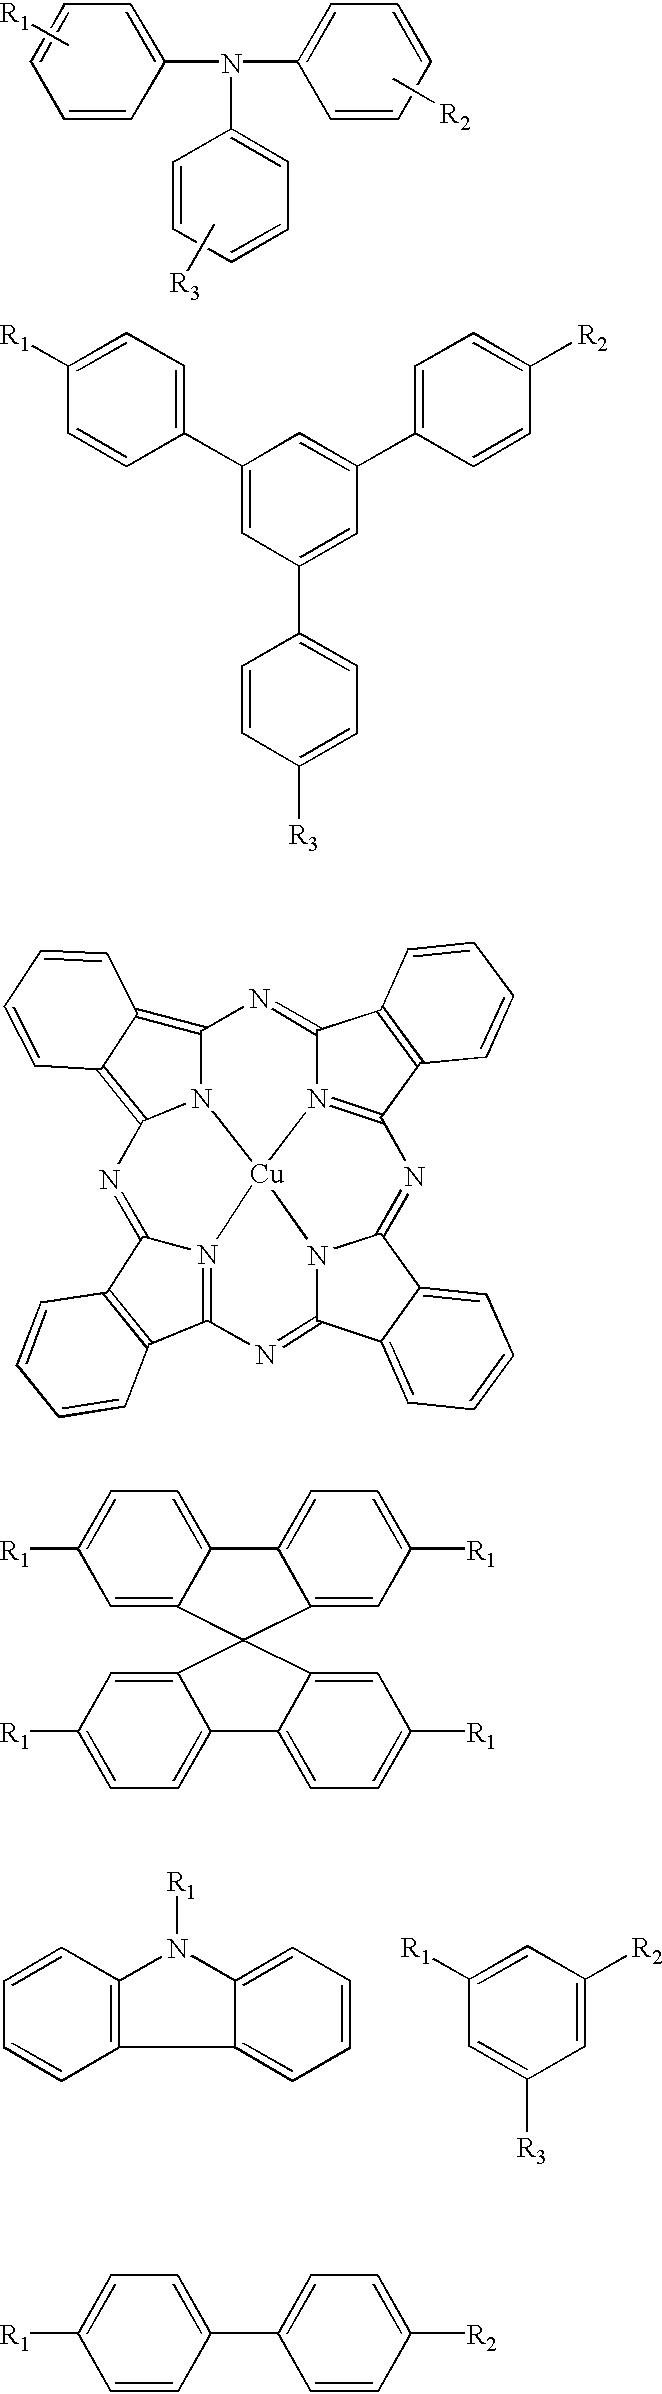 Figure US20030087127A1-20030508-C00012